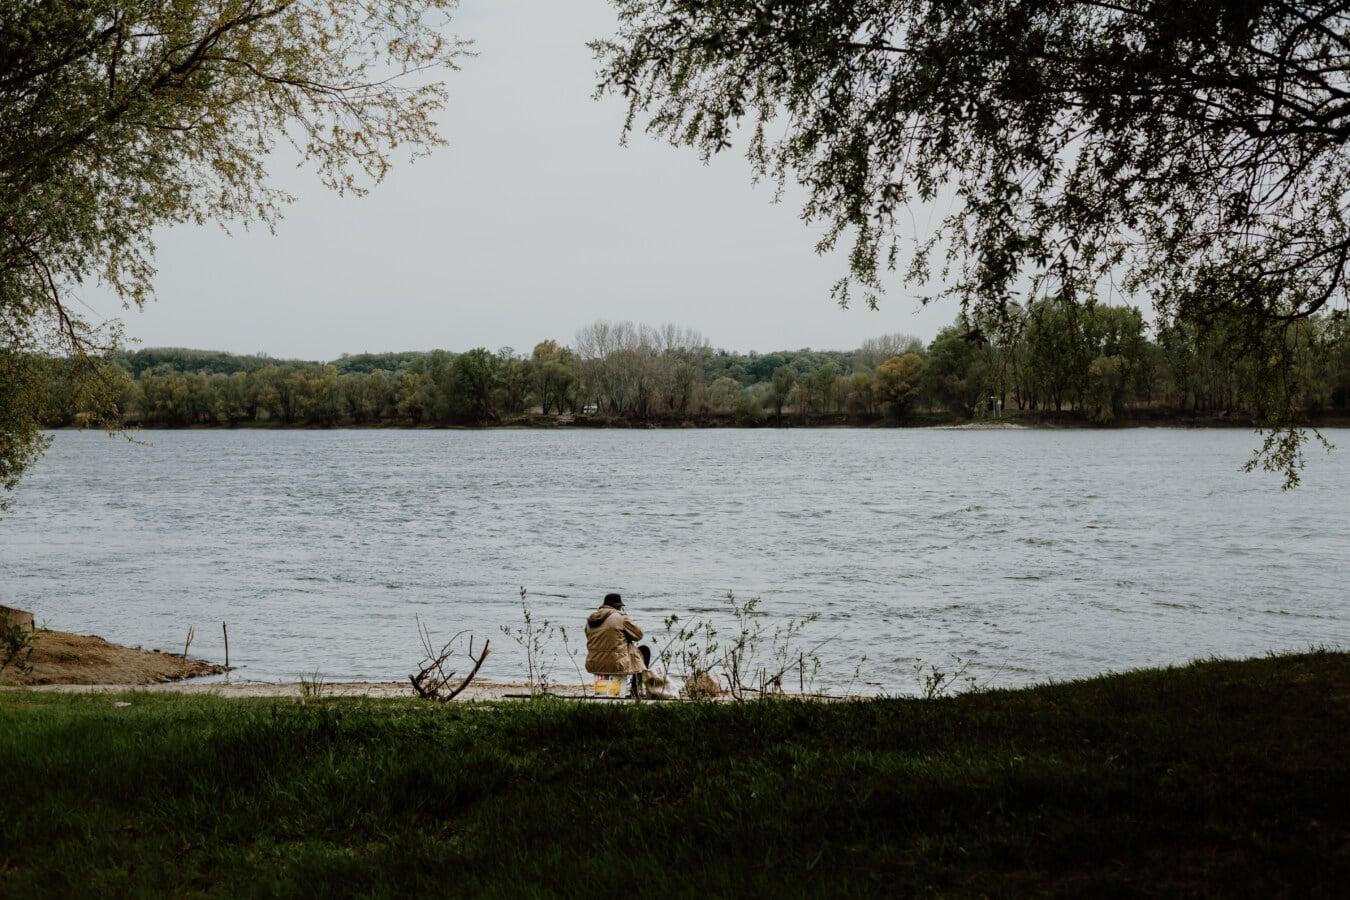 Fischer, Flussufer, sitzen, Genuss, Ufer, Struktur, Fluss, See, Landschaft, Wasser